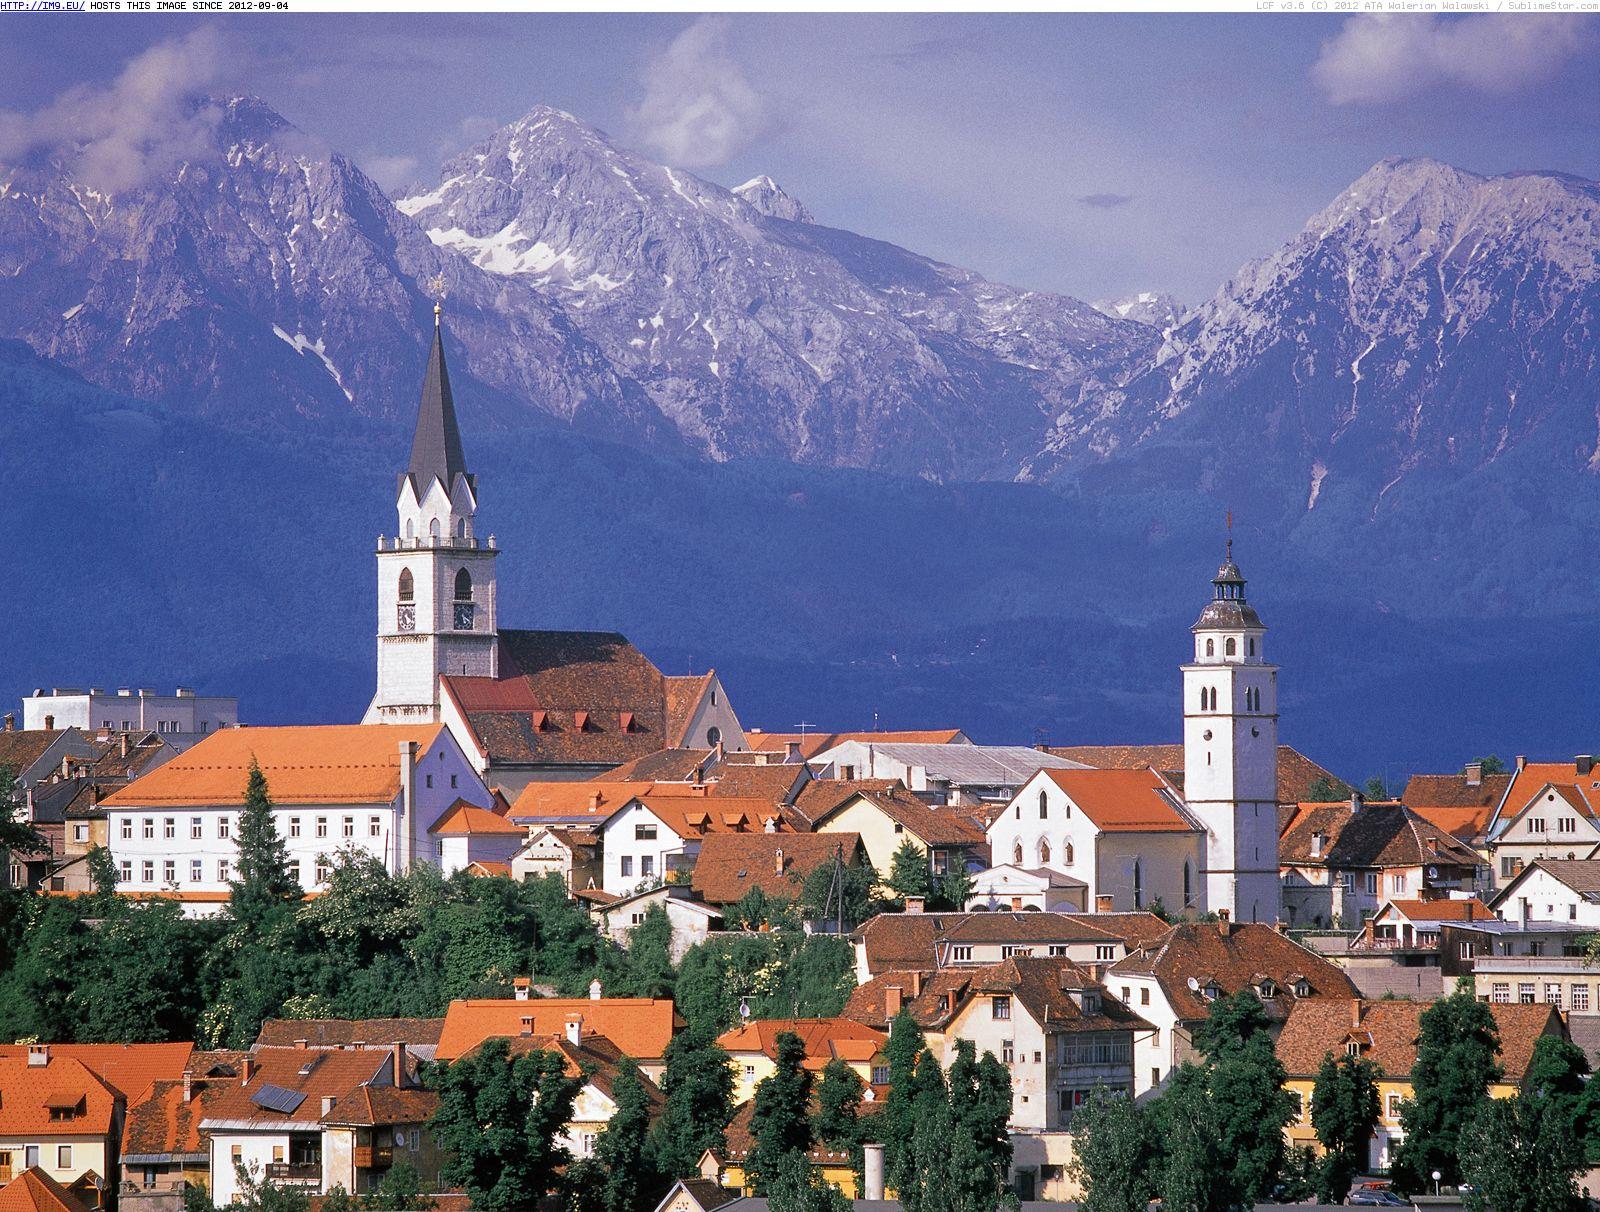 együttes kezelés szlovéniában